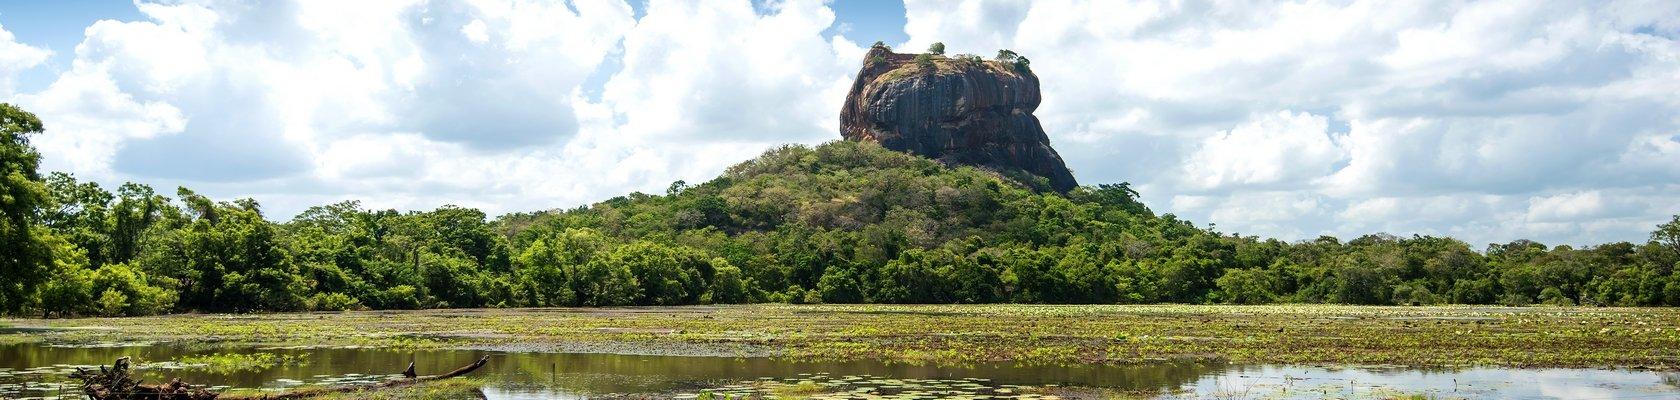 Sigiriya; de beroemde leeuwenrots